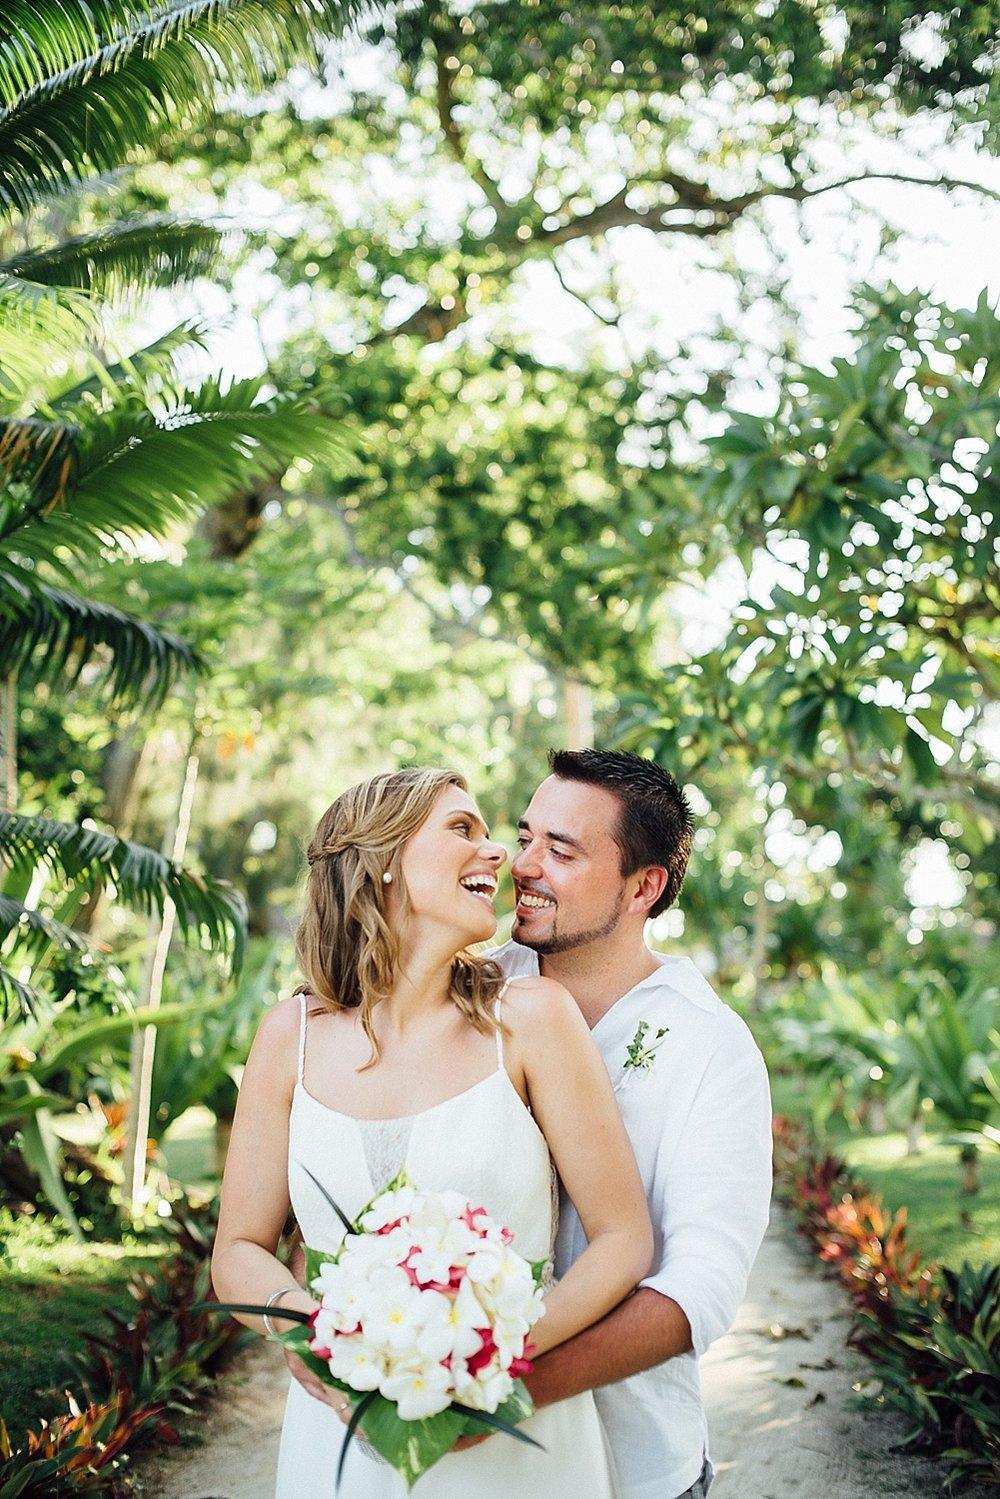 FredLieselot-WeddingPhotography-ErakorIsland-GroovyBanana-VanuatuPhotographers_0050.jpg